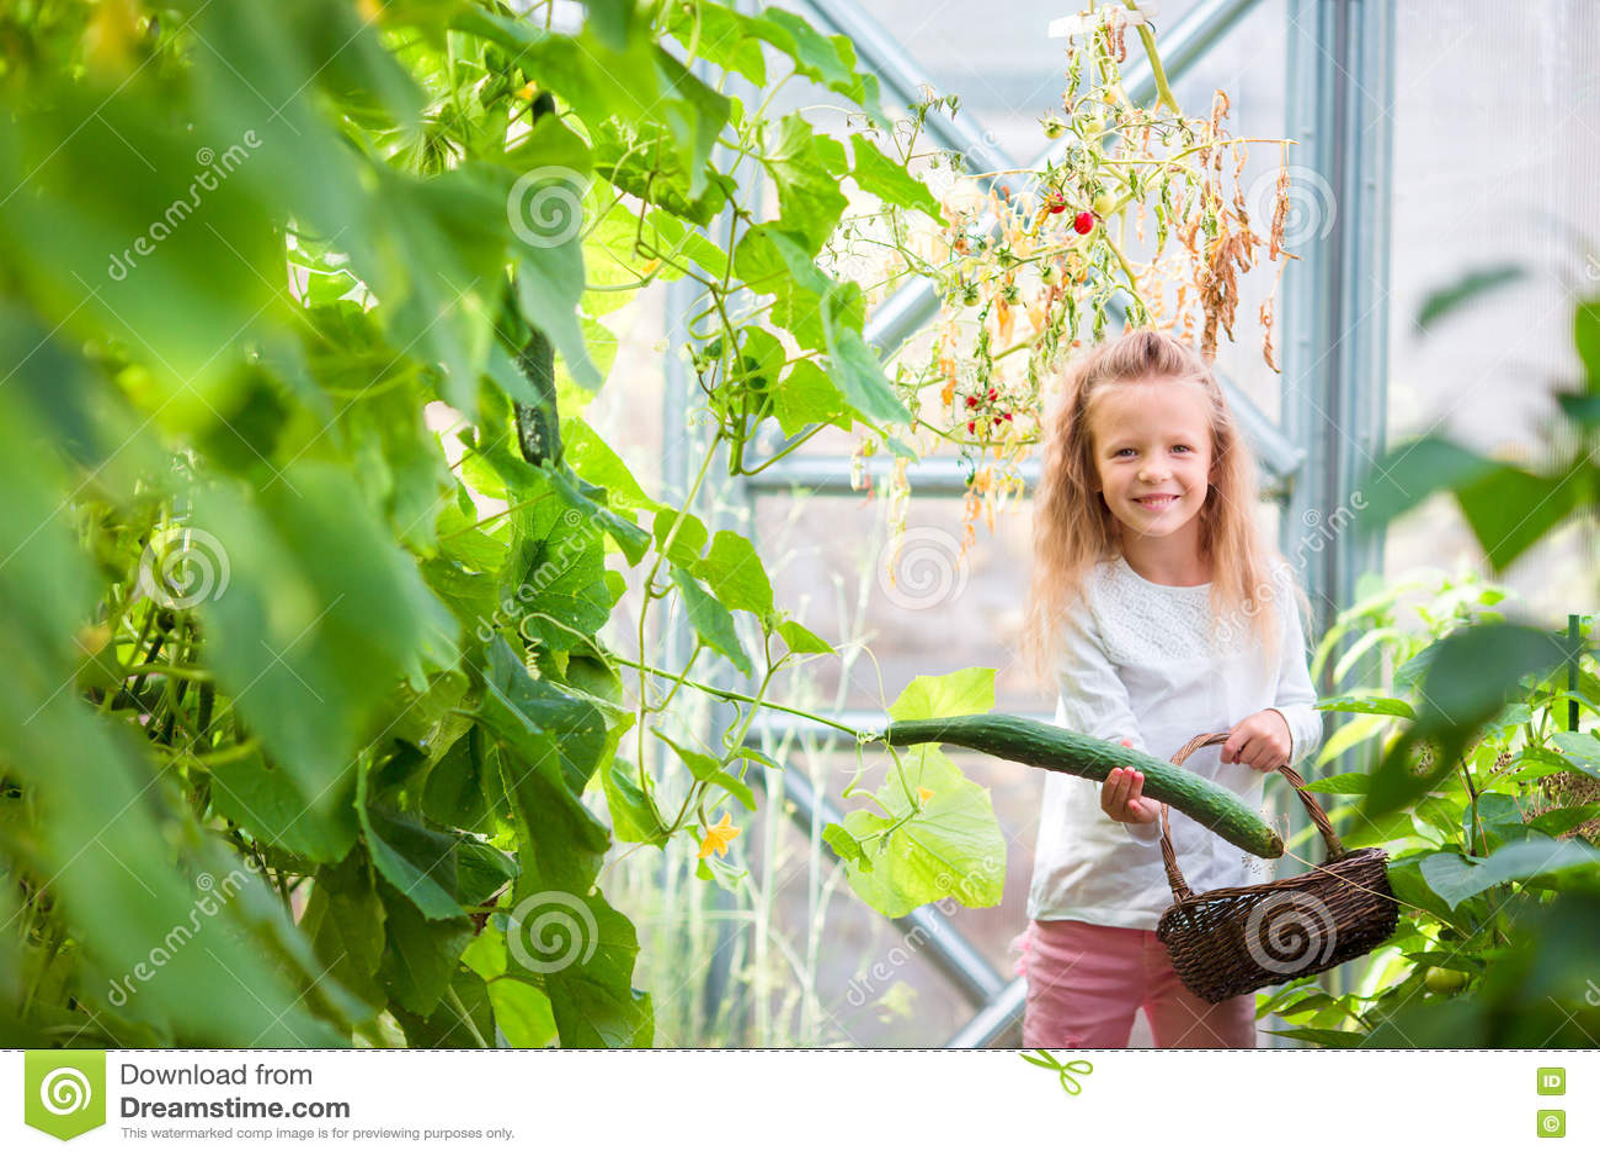 Meisje die gewassenkomkommers en tomaten in serre verzamelen